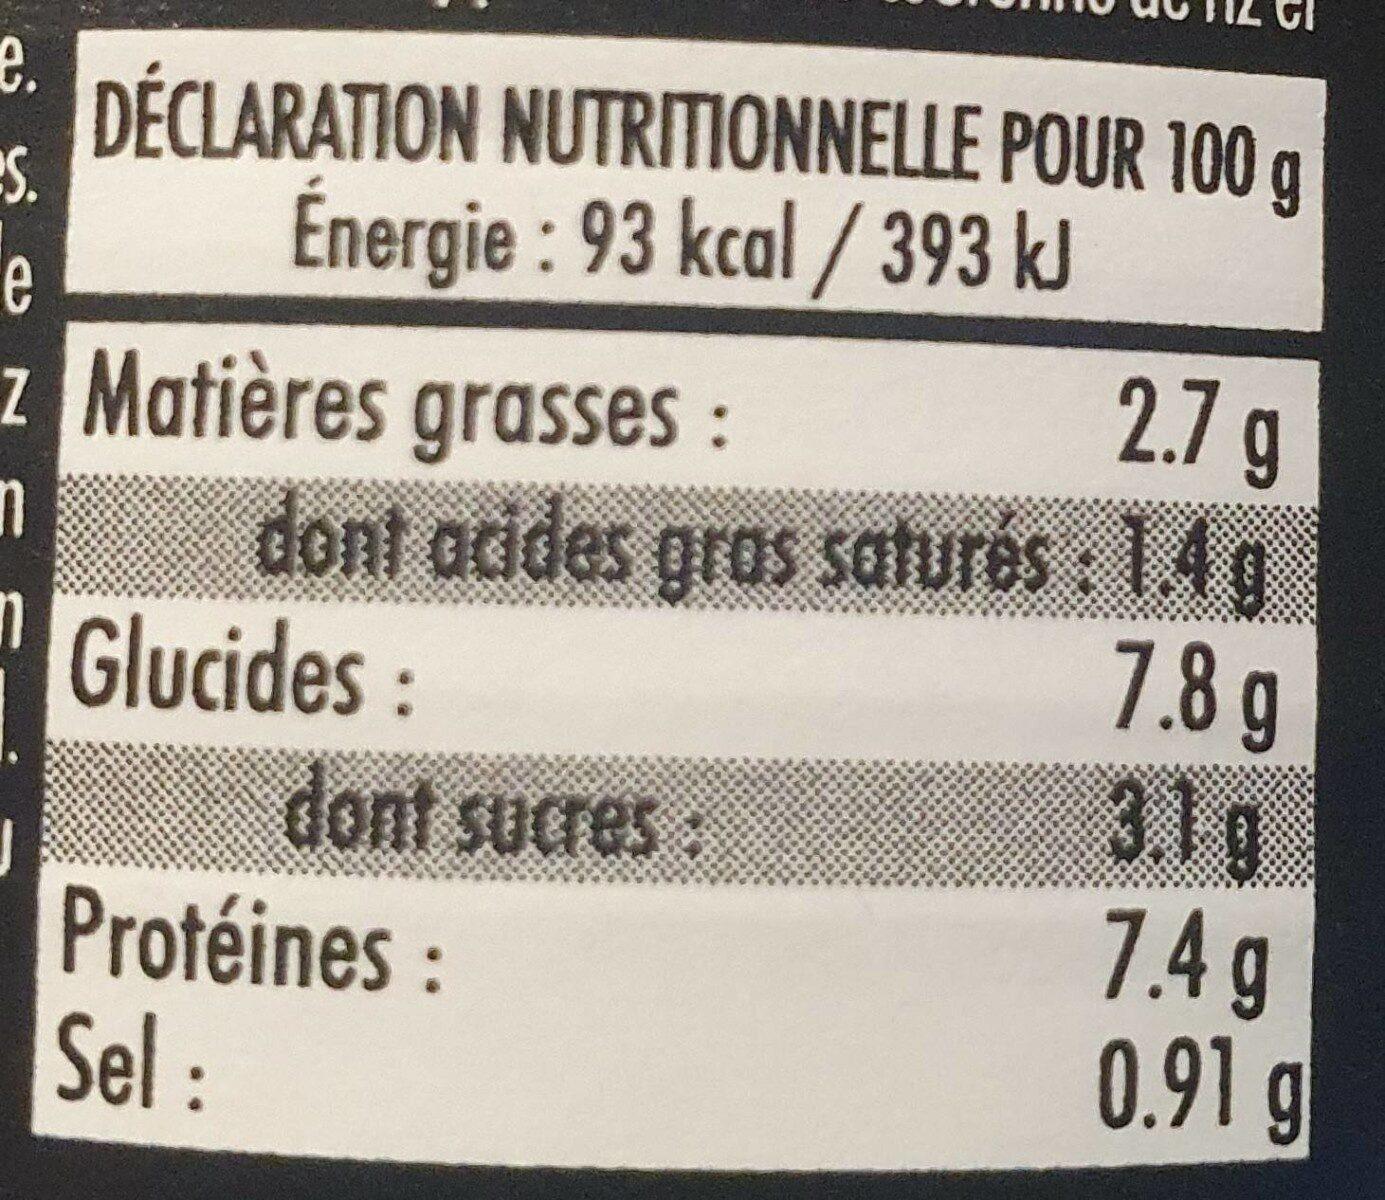 Larzul garniture vol au vent homard noix st jacques - Nutrition facts - fr